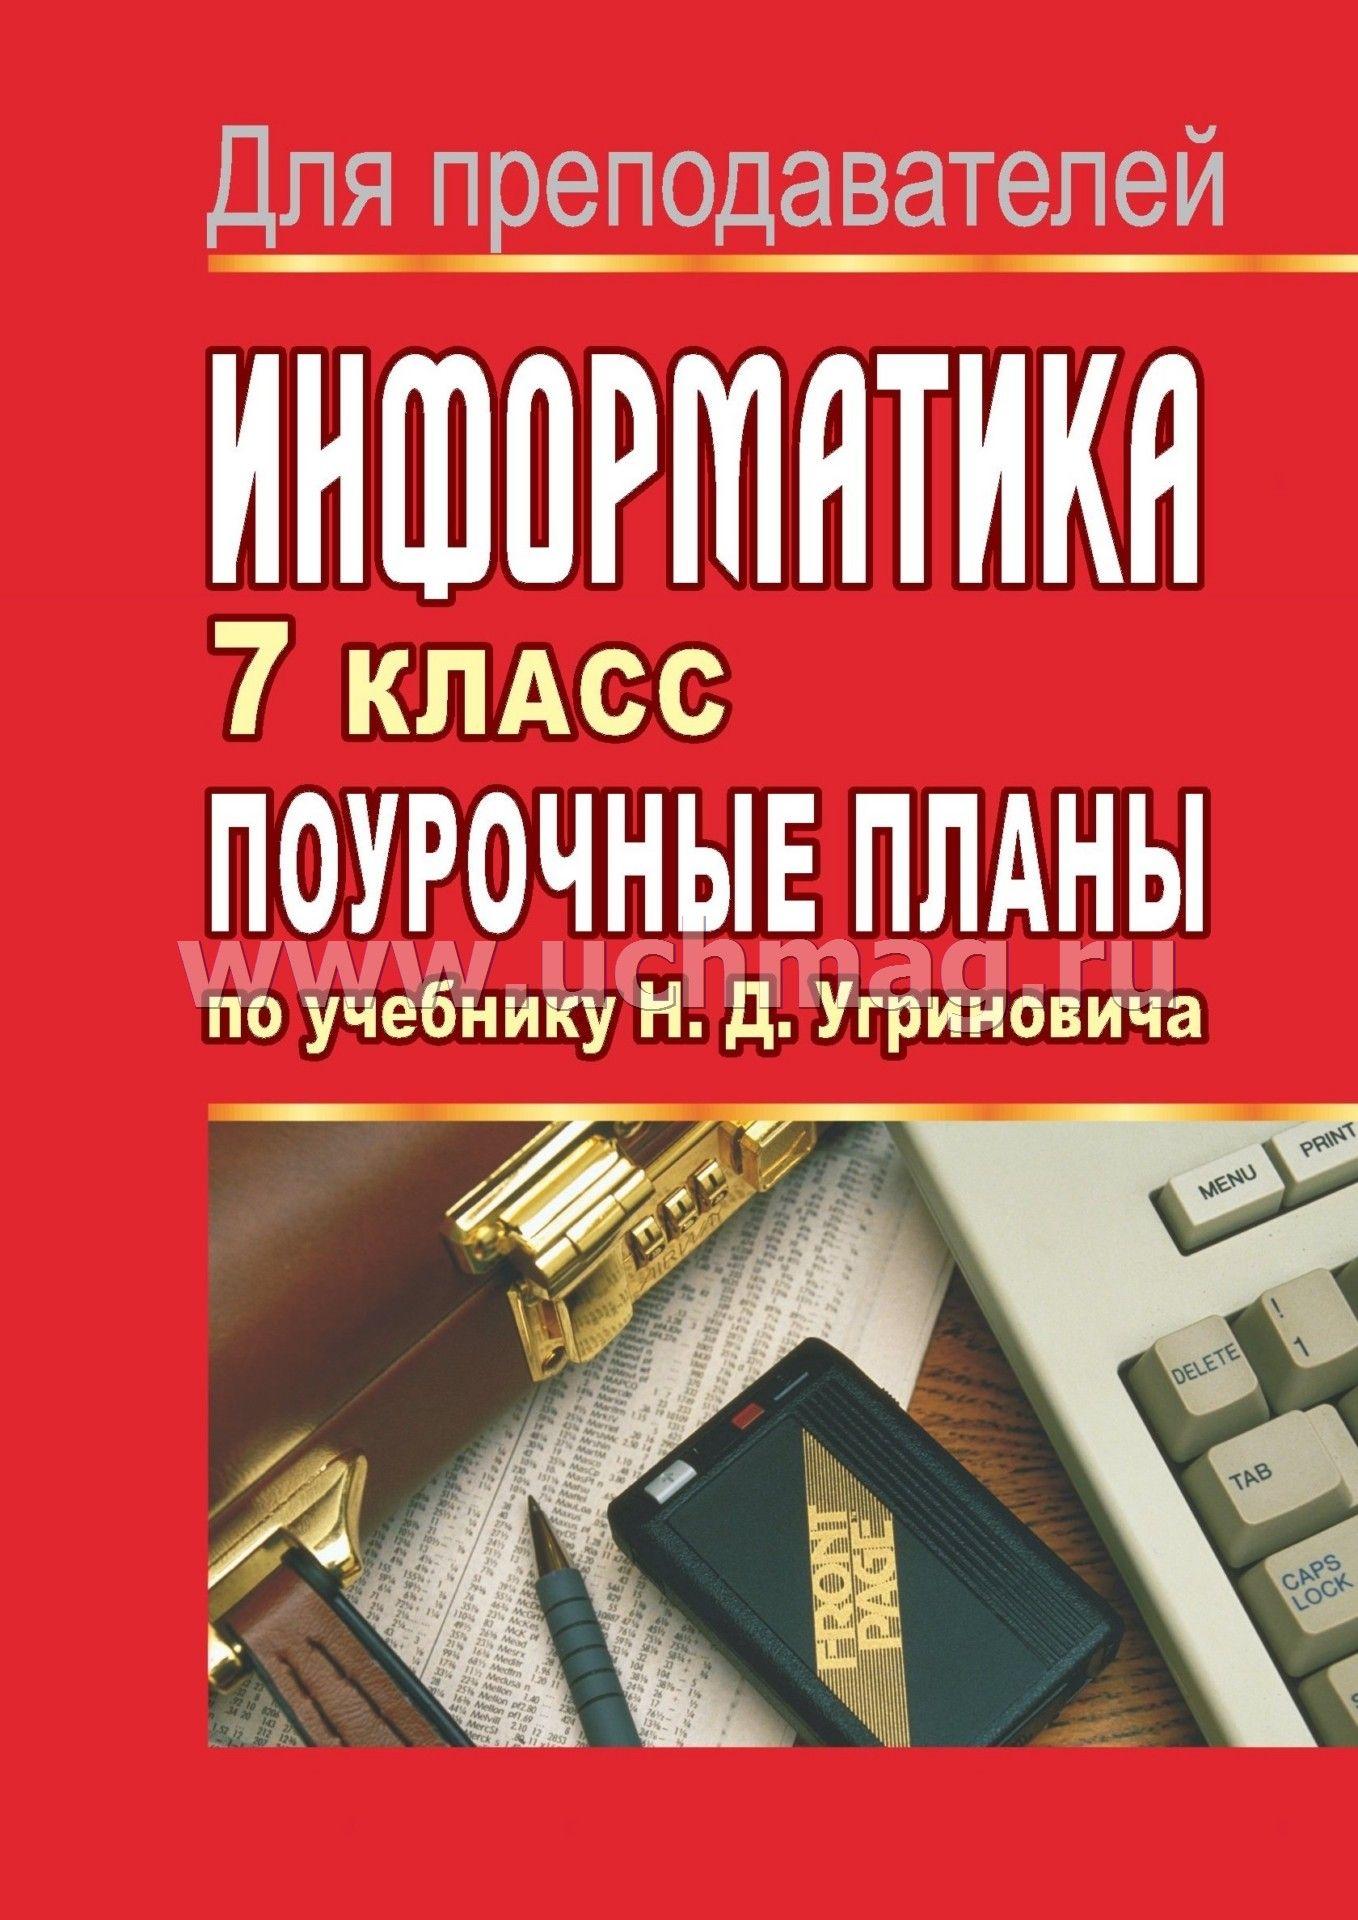 Информатика. 7 класс: поурочные планы по учебнику н. Д. Угриновича.